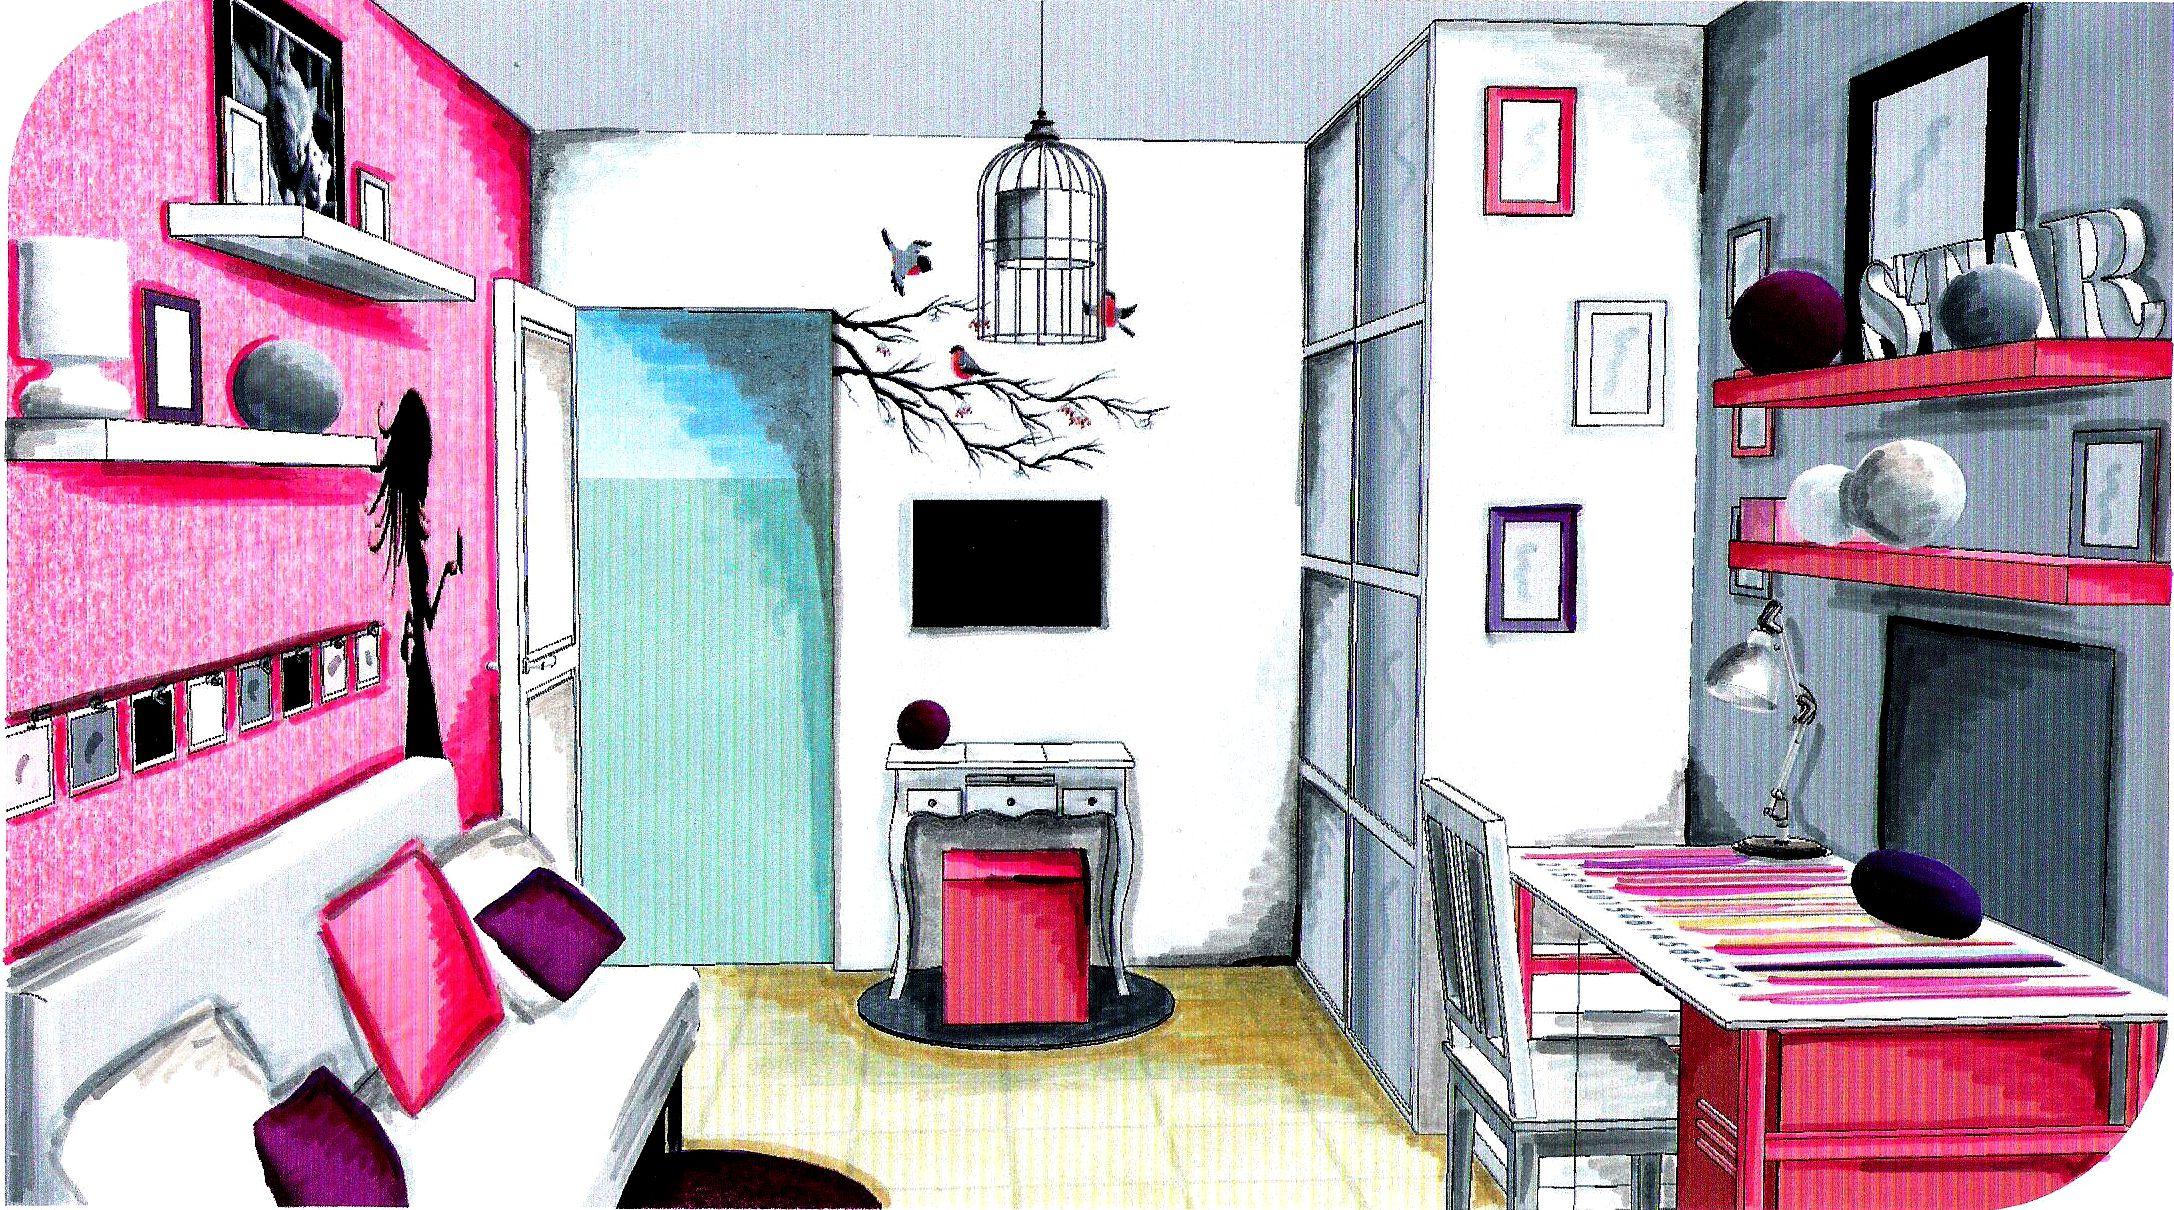 Aménagement Et Décoration Chambre Ado Fille Usages Canapé - Canapé 3 places pour decoration chambre fille adulte